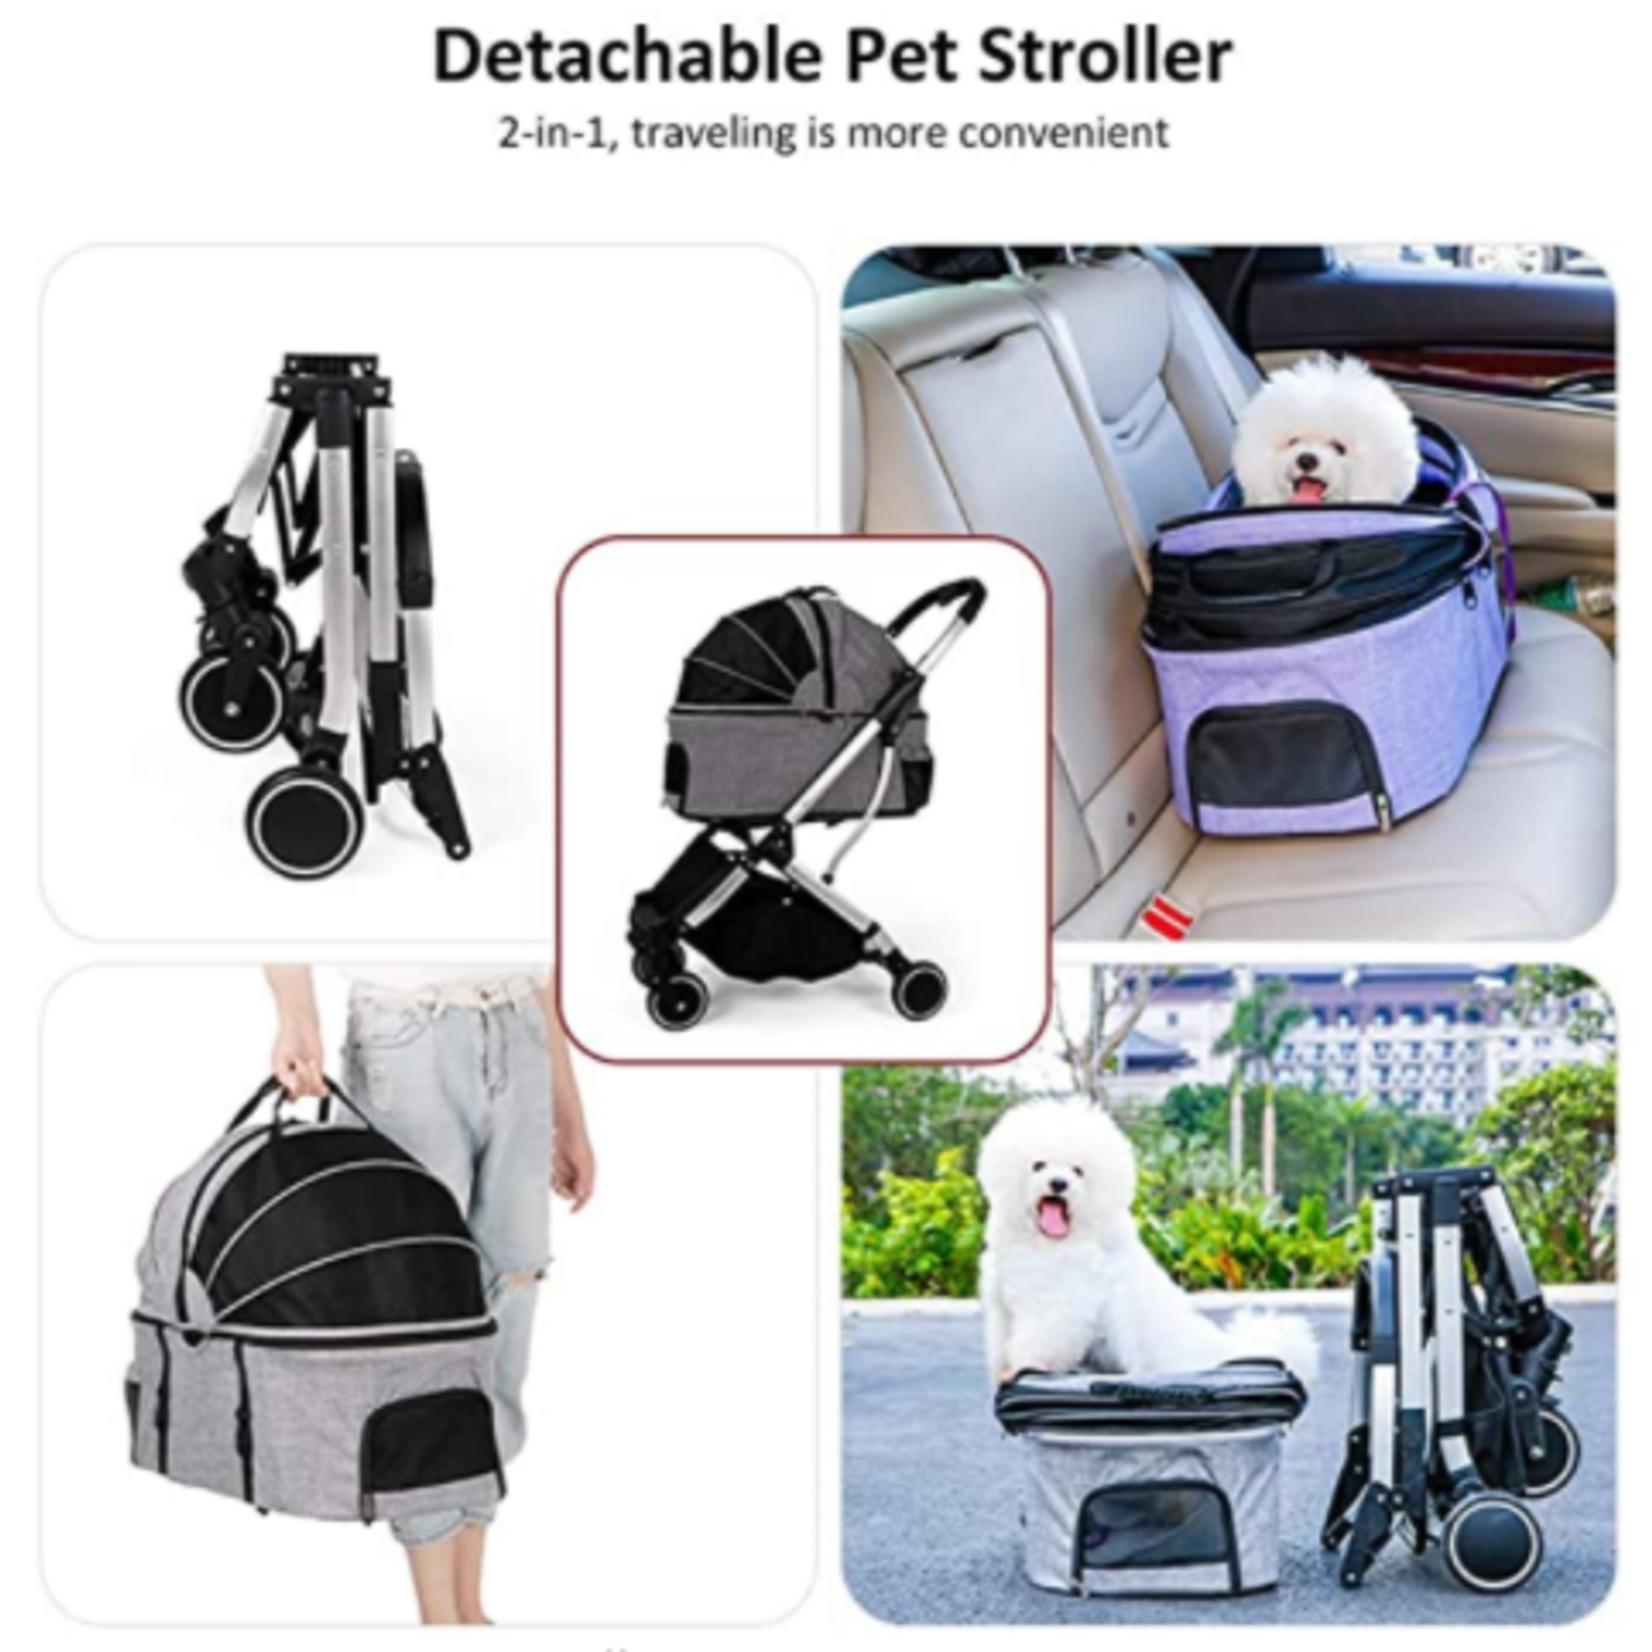 Detachable Pet Stroller: 2-in-1